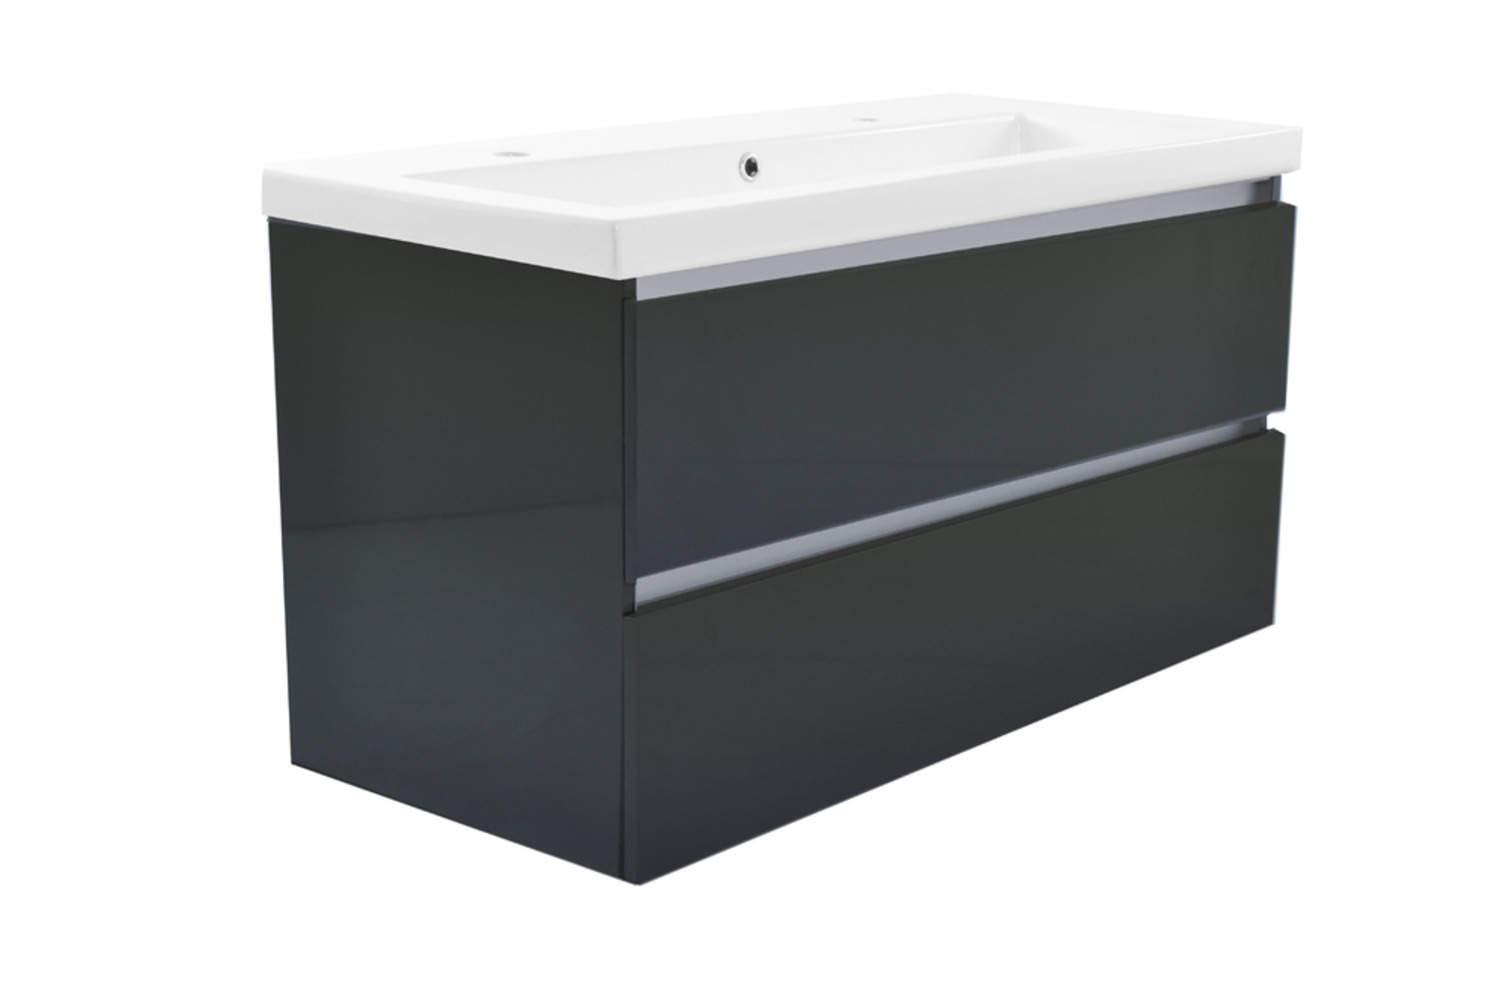 Vision meubel keramische wastafel hoogglans grijs megadump